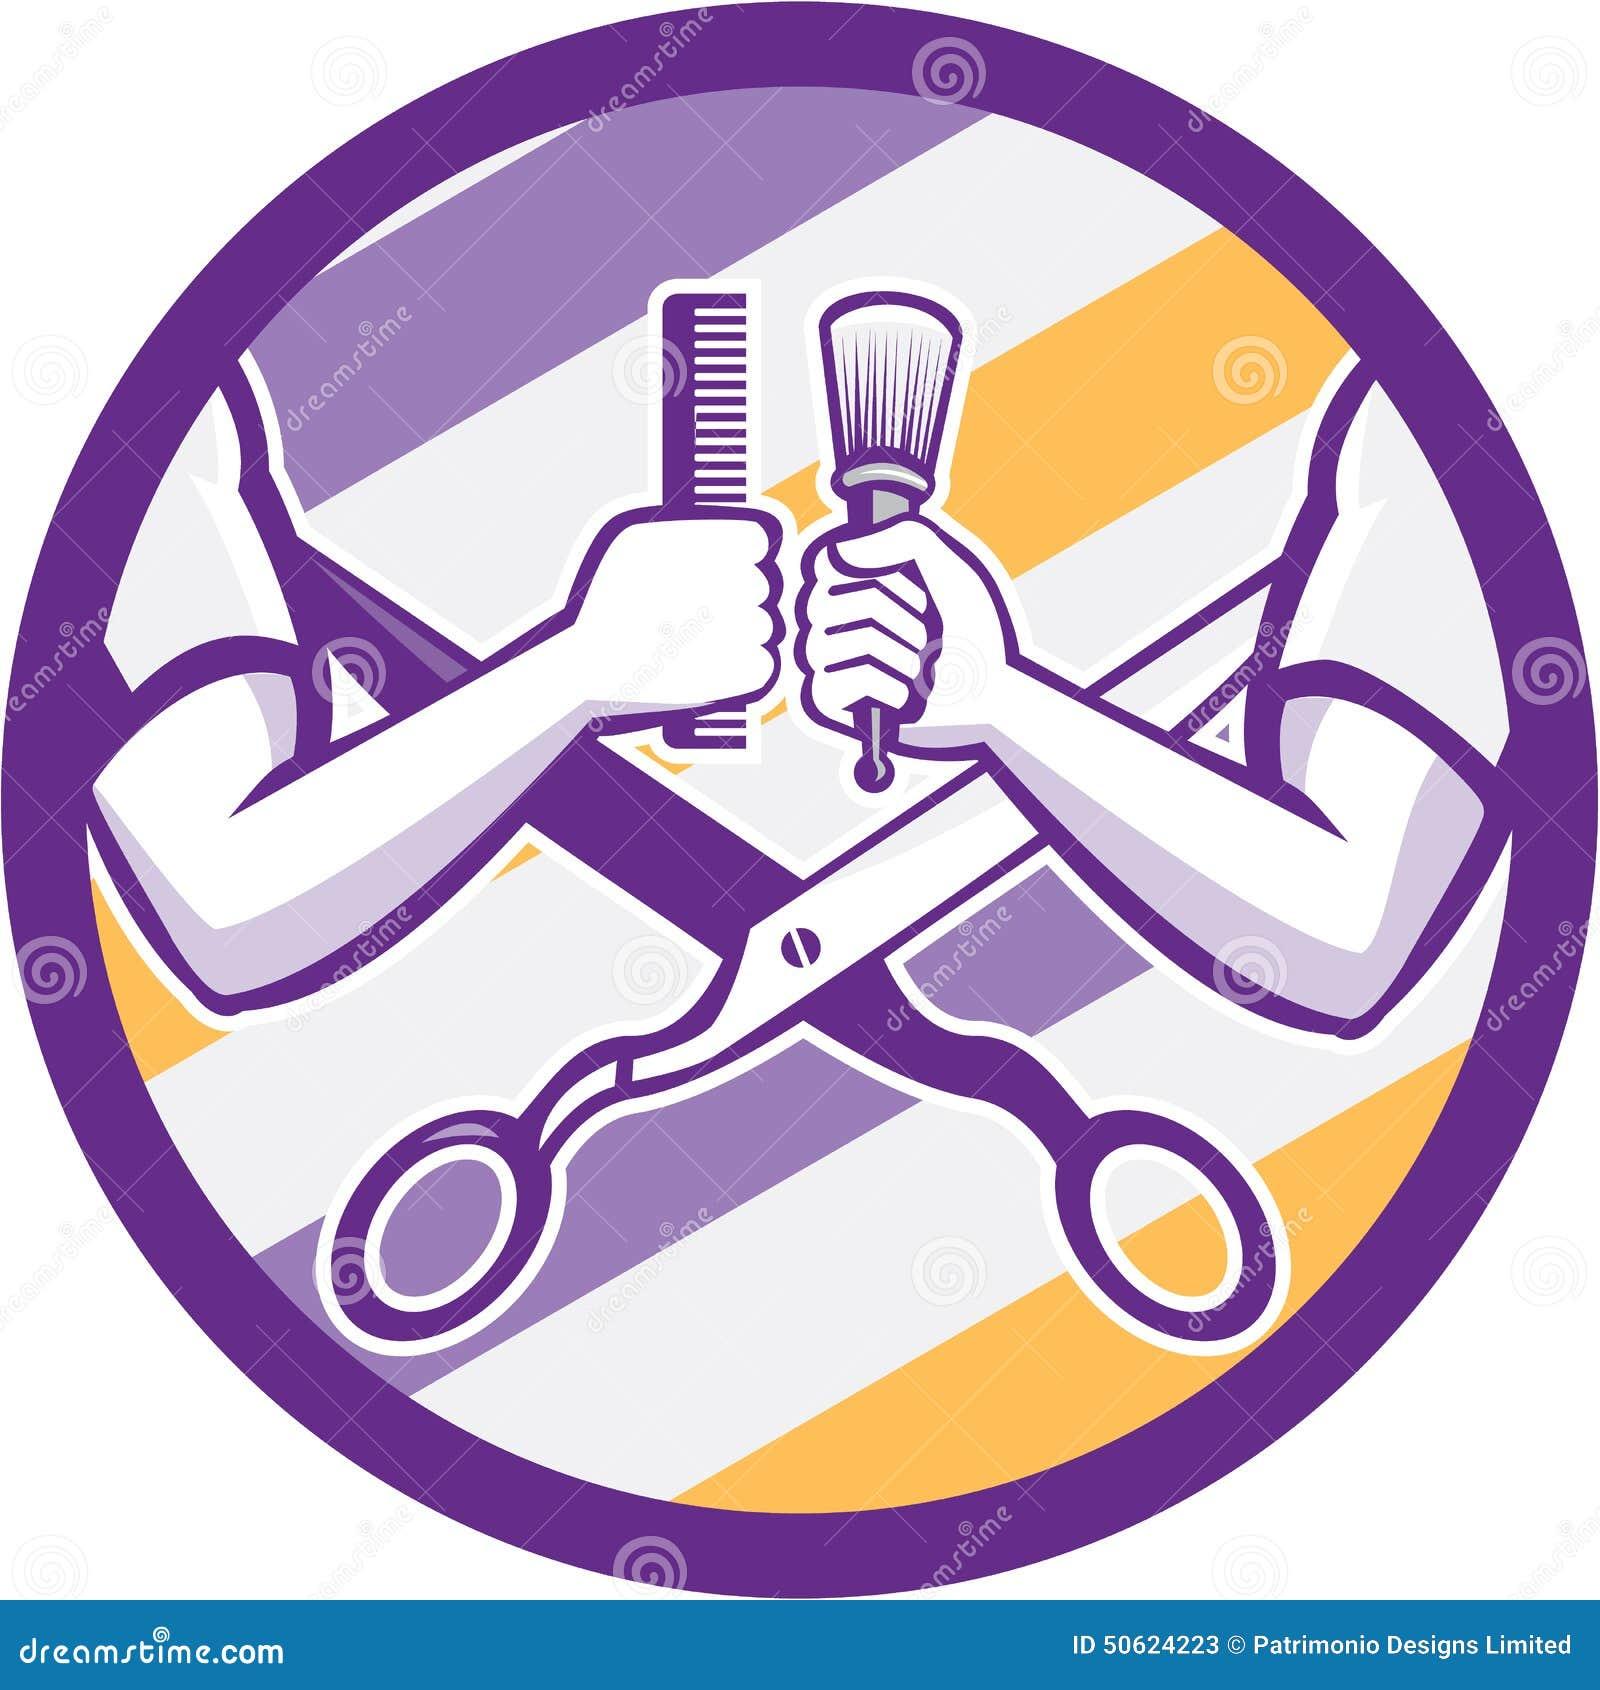 Retro Barber Hand Comb Brush Scissors cirkel